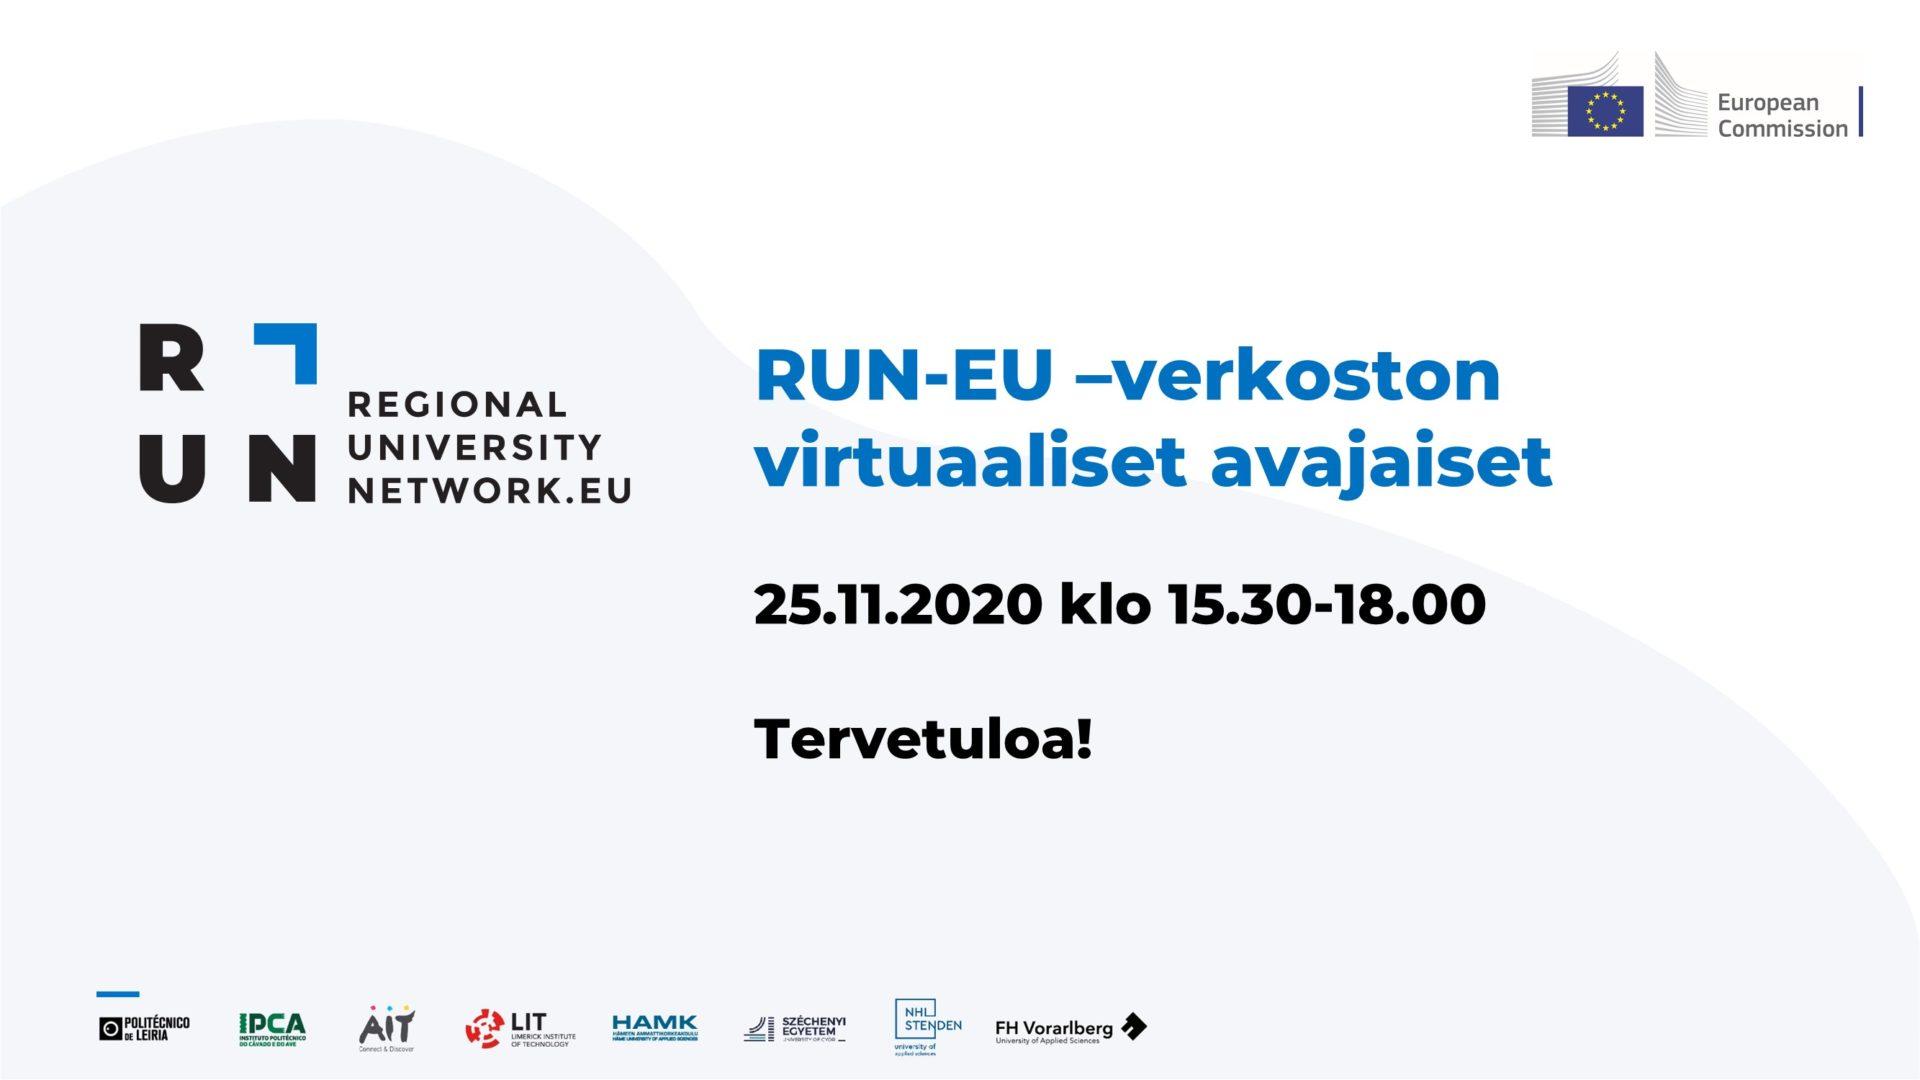 RUN-EU ja sen muodostavien korkeakoulujen logot sekä avajaistilaisuuden aika